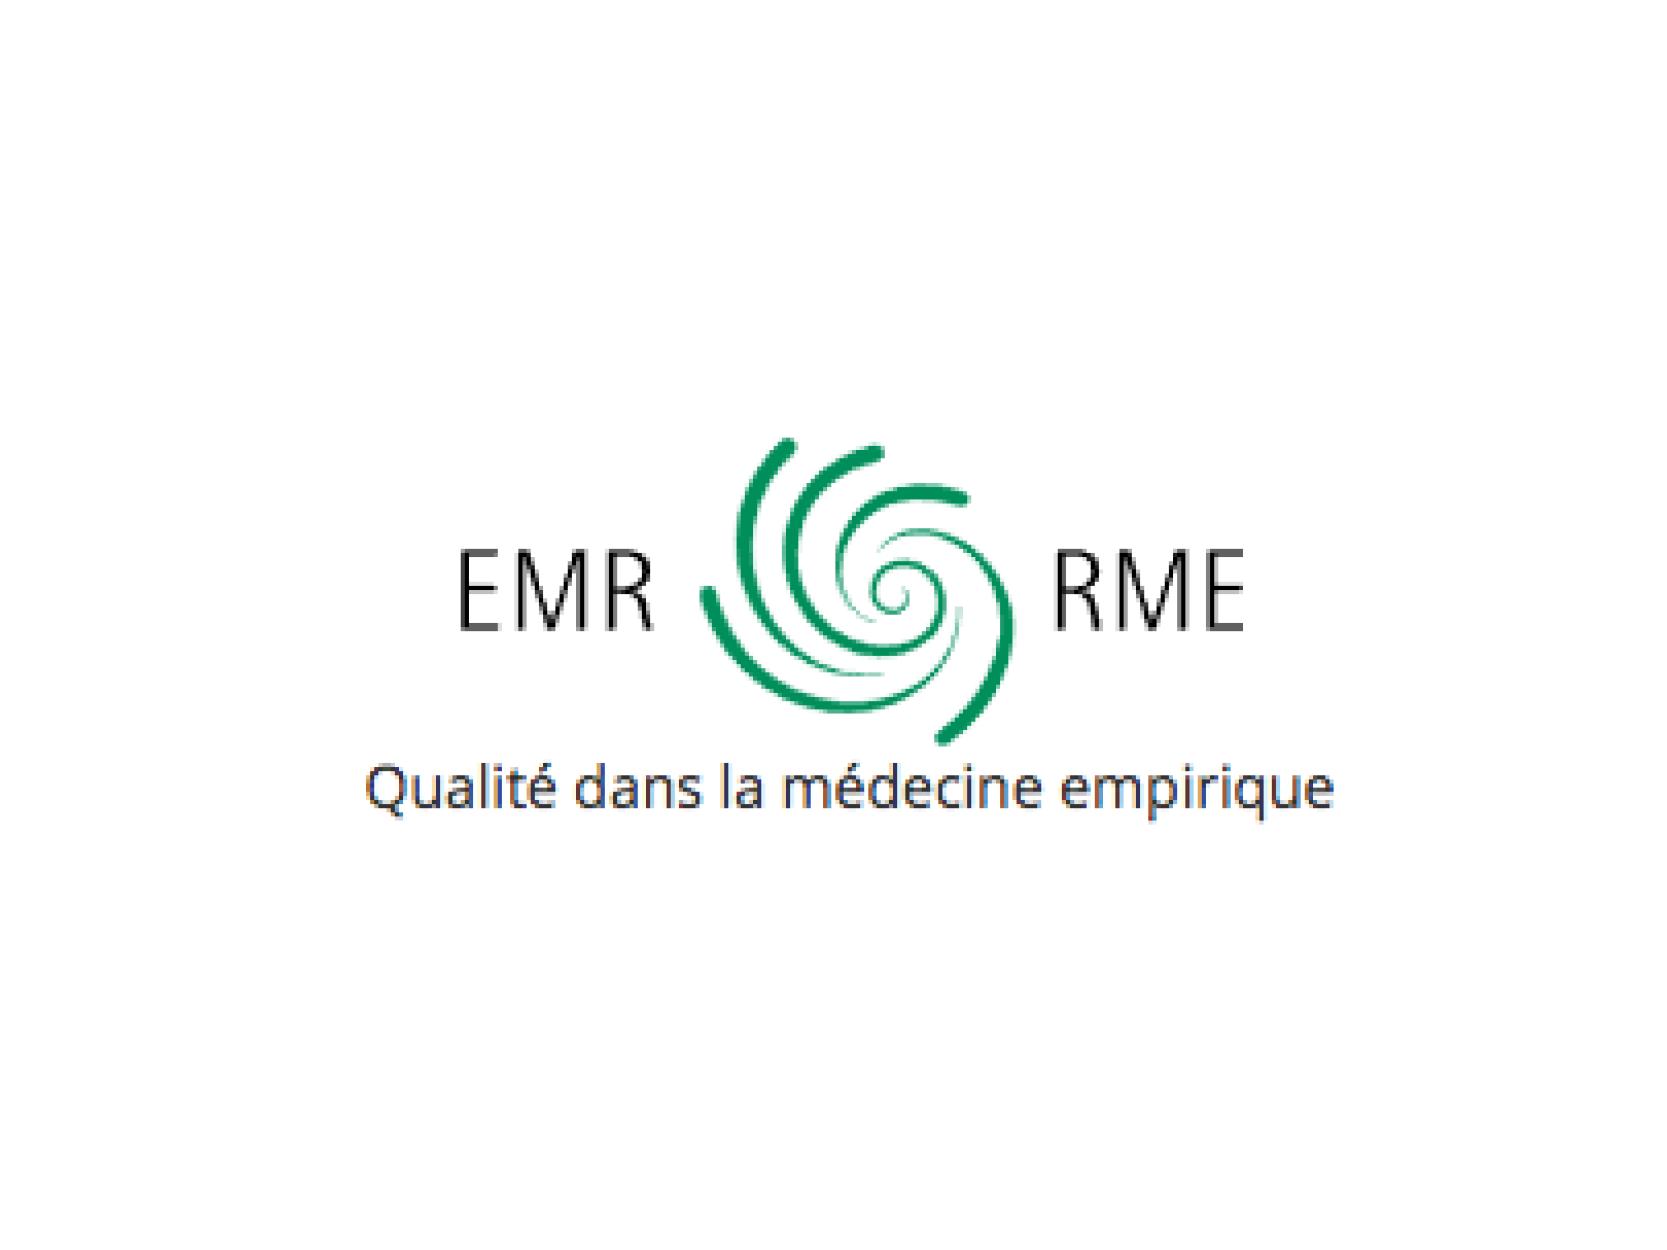 REGISTRE DE MEDECINE EMPIRIQUE - RME - Le RME accrédite les formations continues de MHP-Hypnose sous certaines conditions suivant les cas.